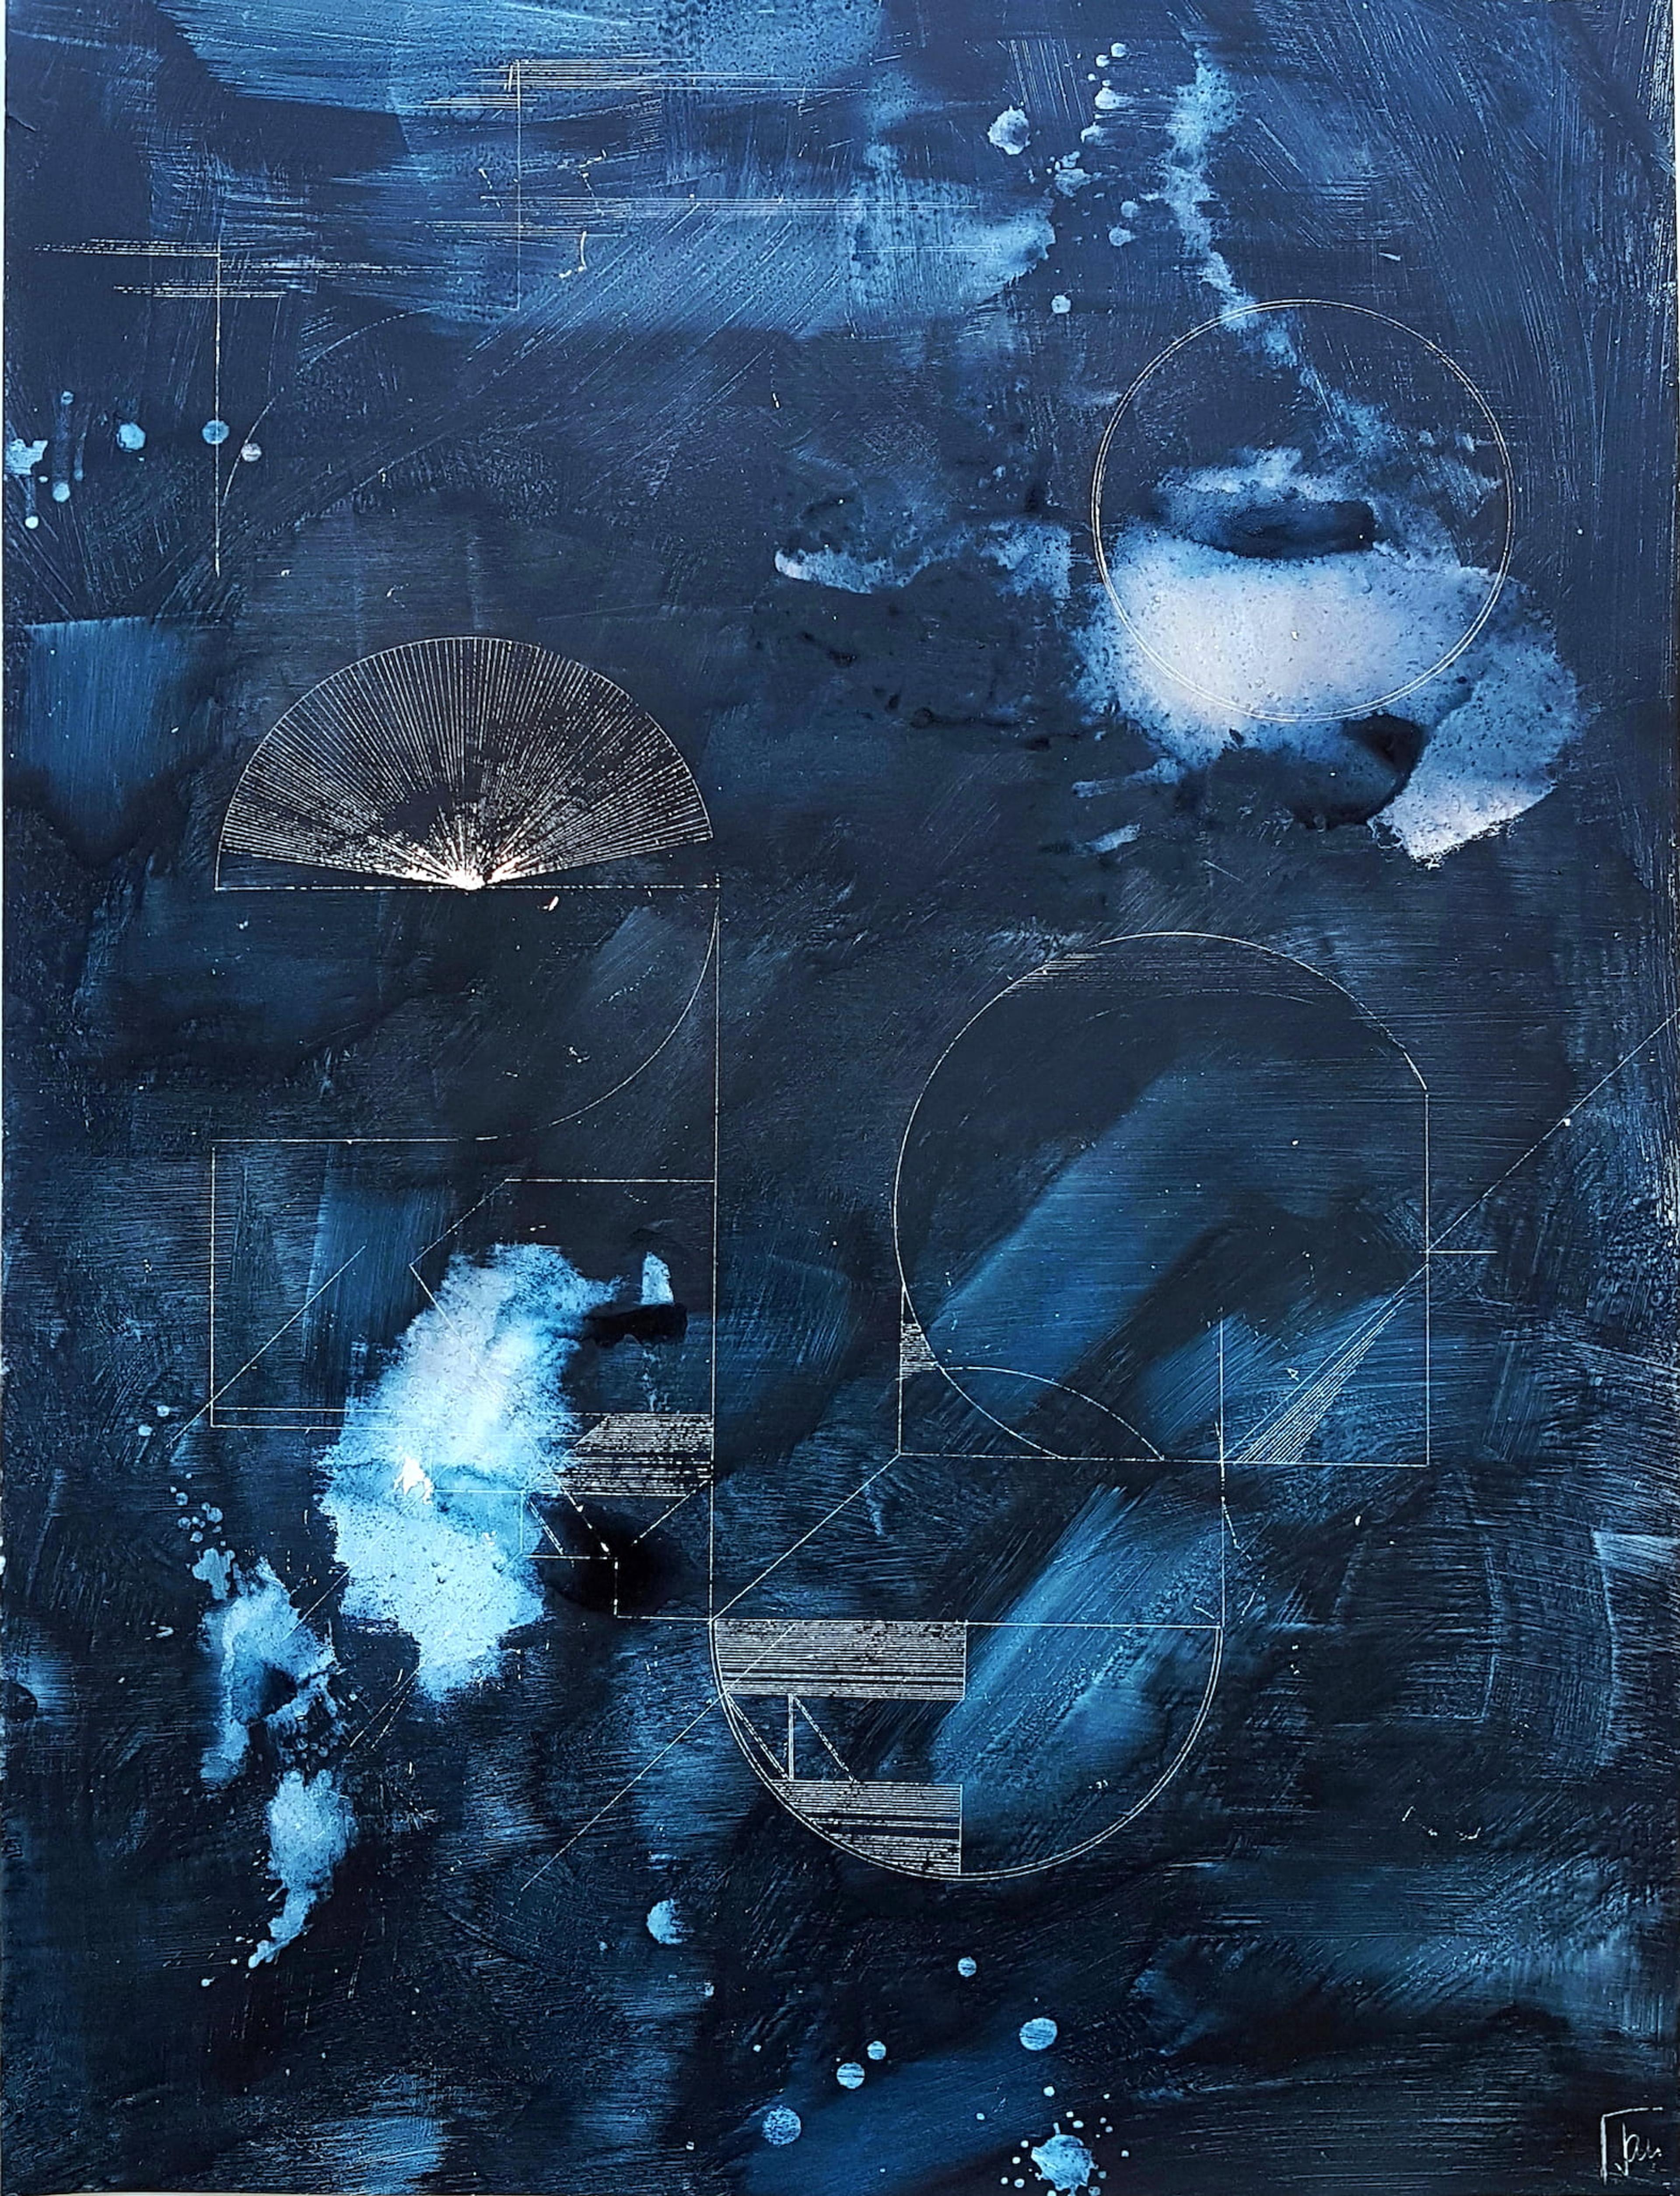 artwork Nightwalk 2 by Jana Schumacher